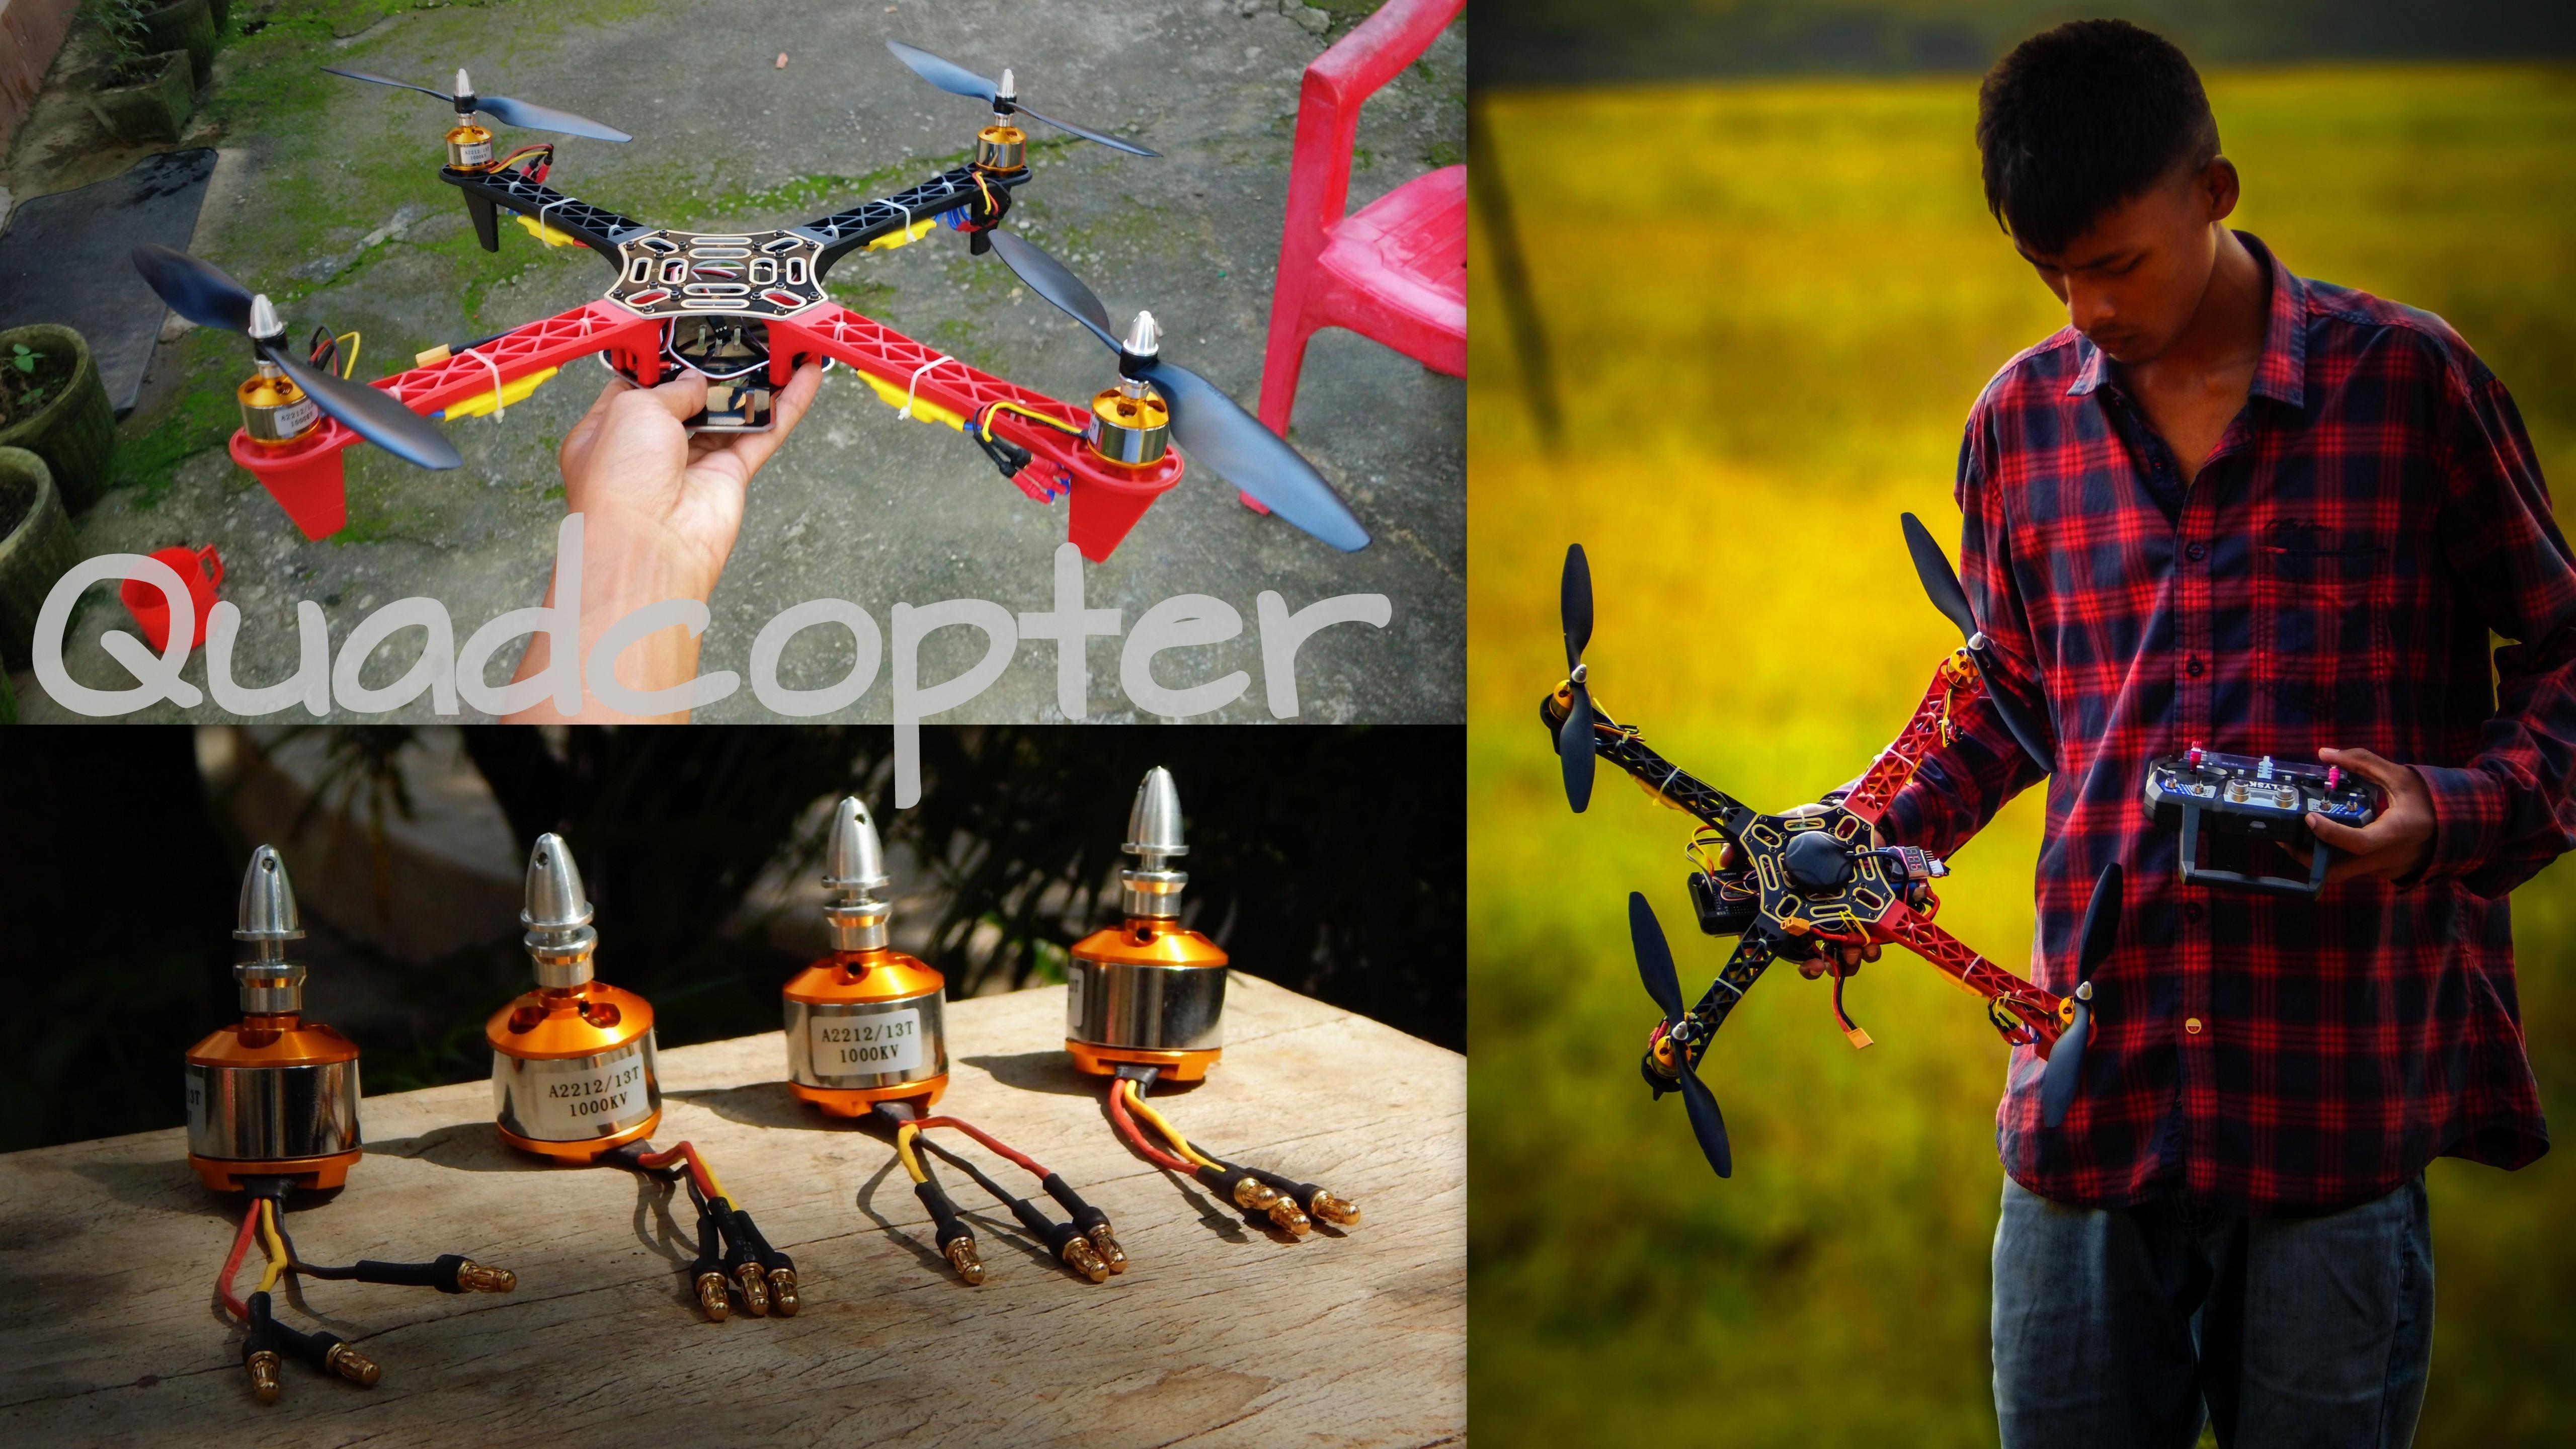 DIY F450 Quadcopter